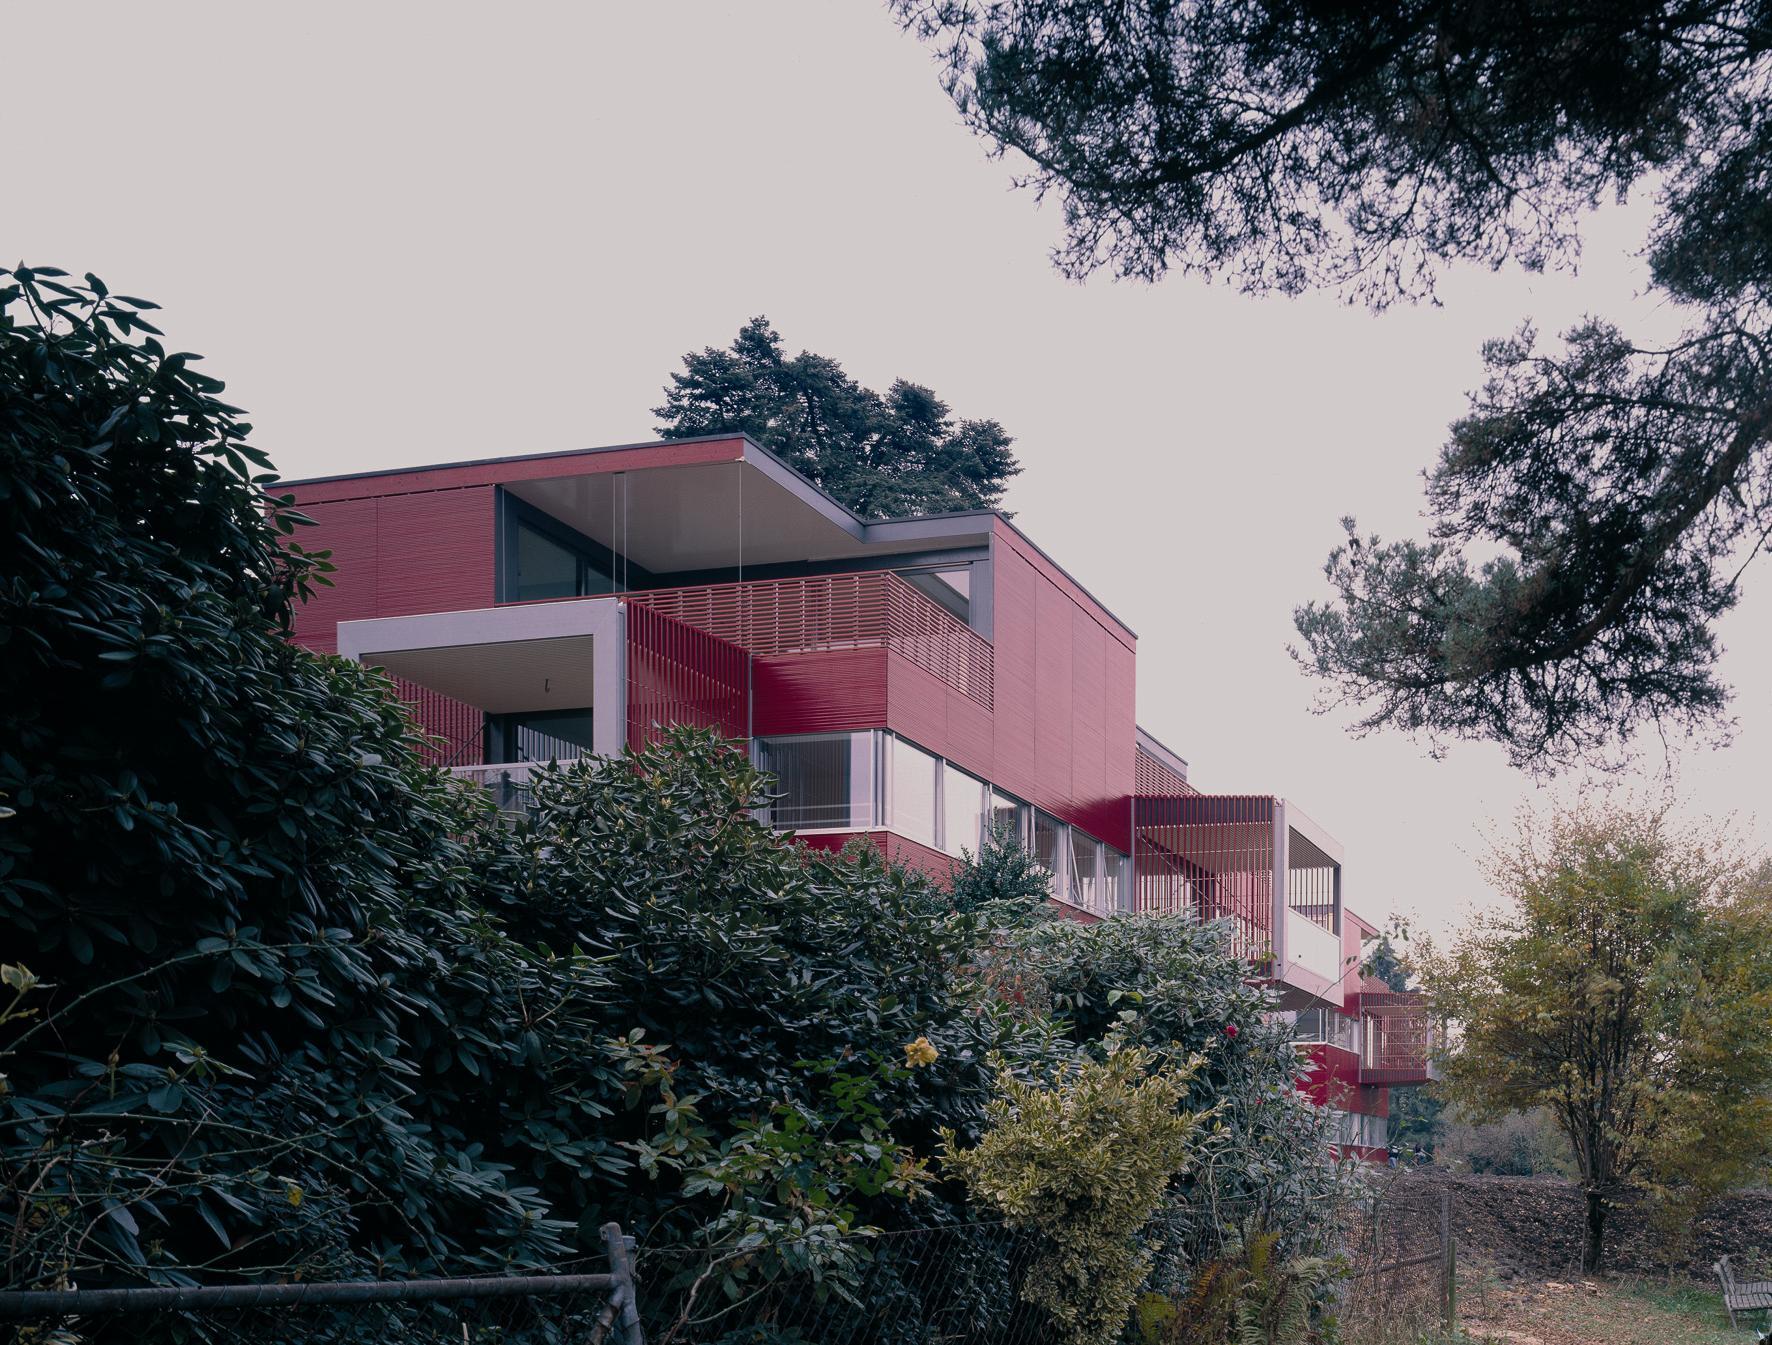 Wohnüberbauung Wehrenbachhalde, Zürich-Witikon